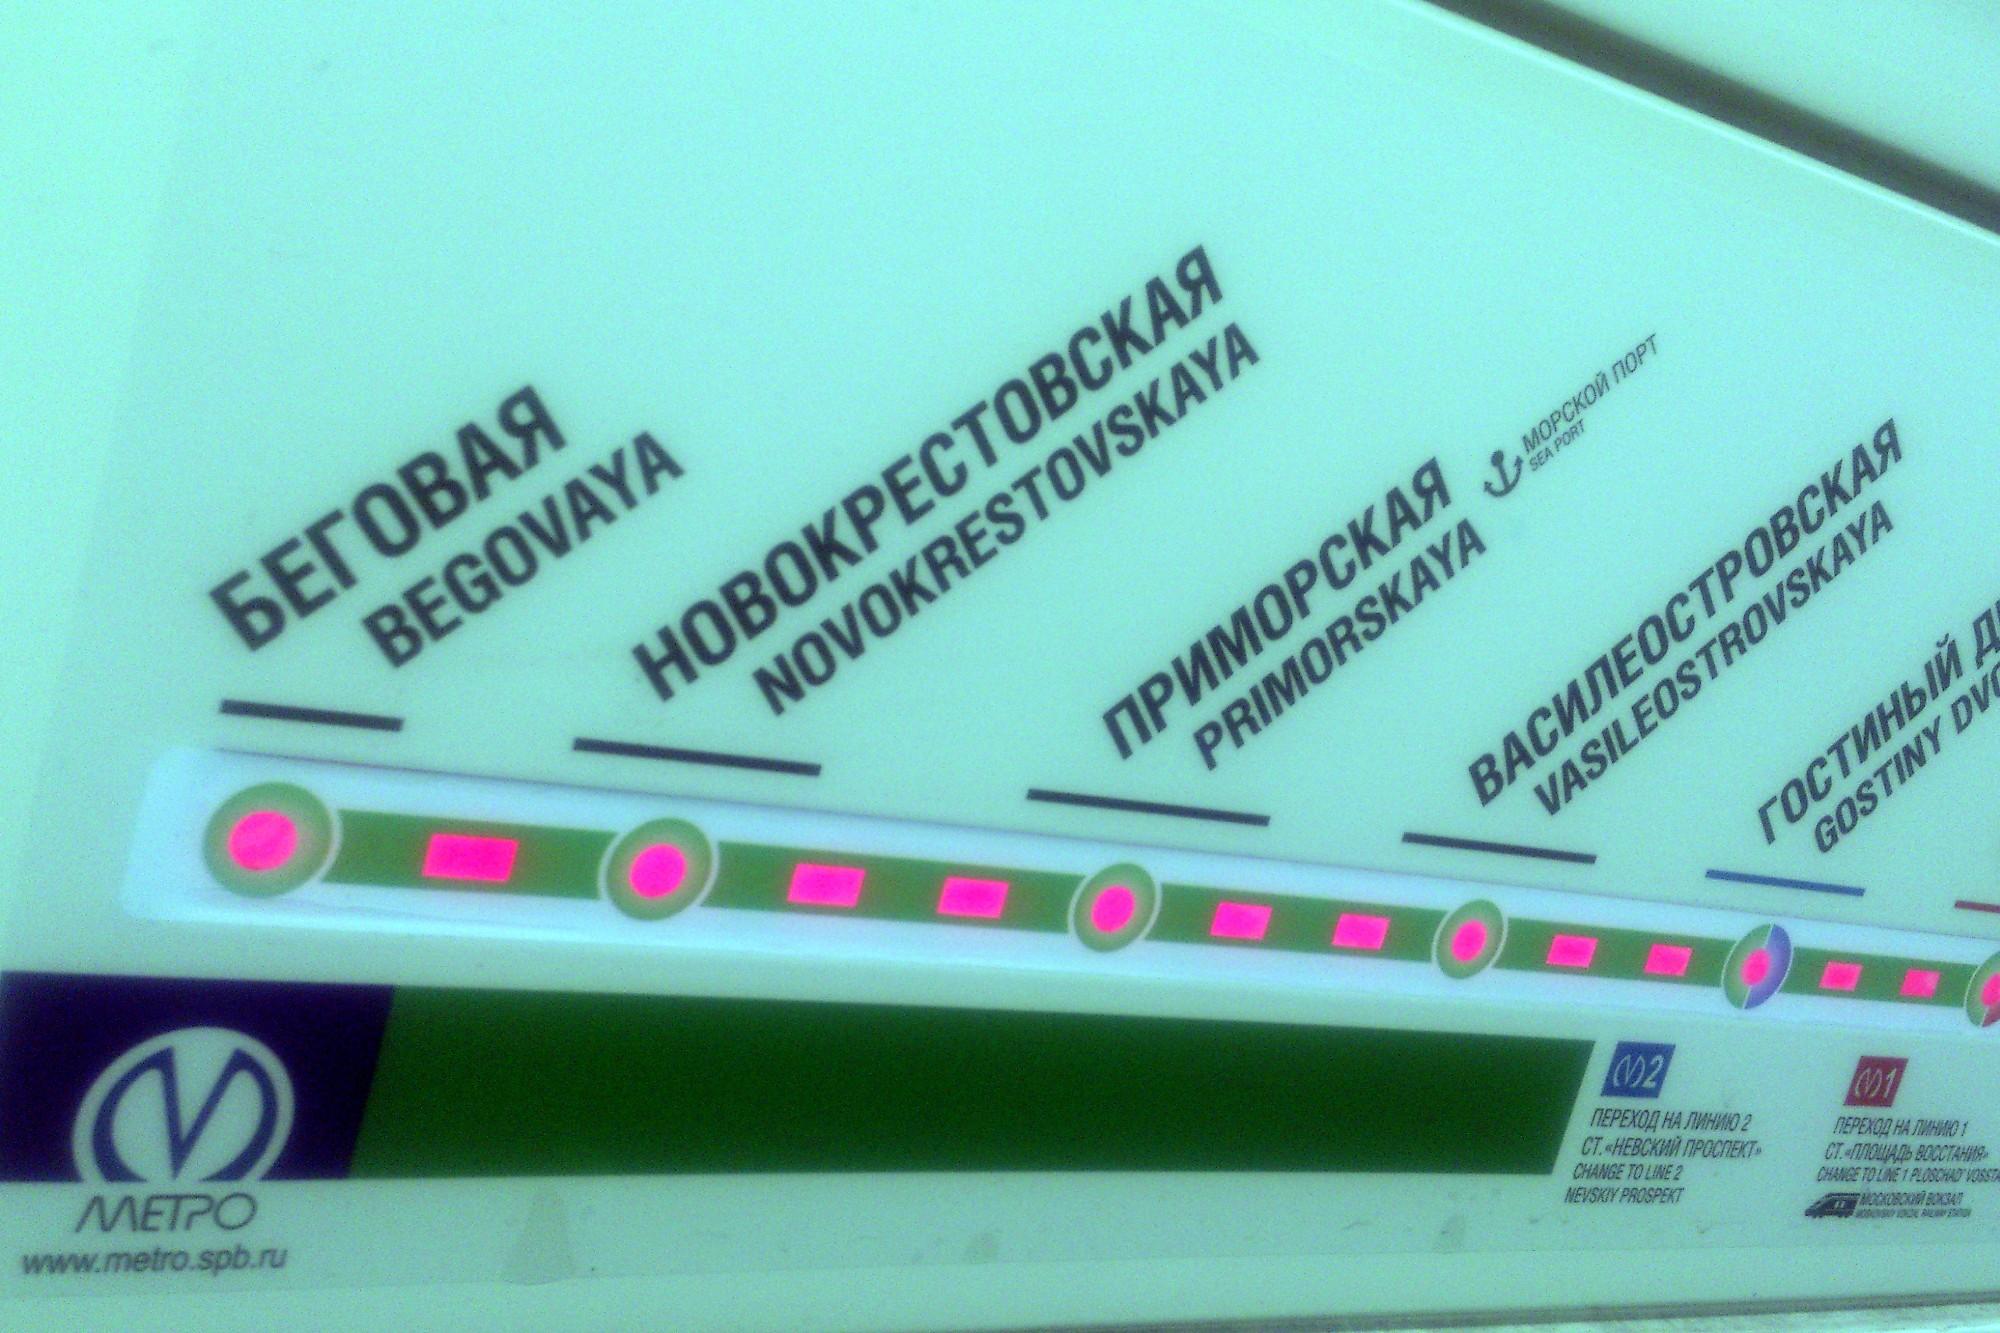 схема Невско-Василеостровской линии метро станции Беговая Новокрестовская